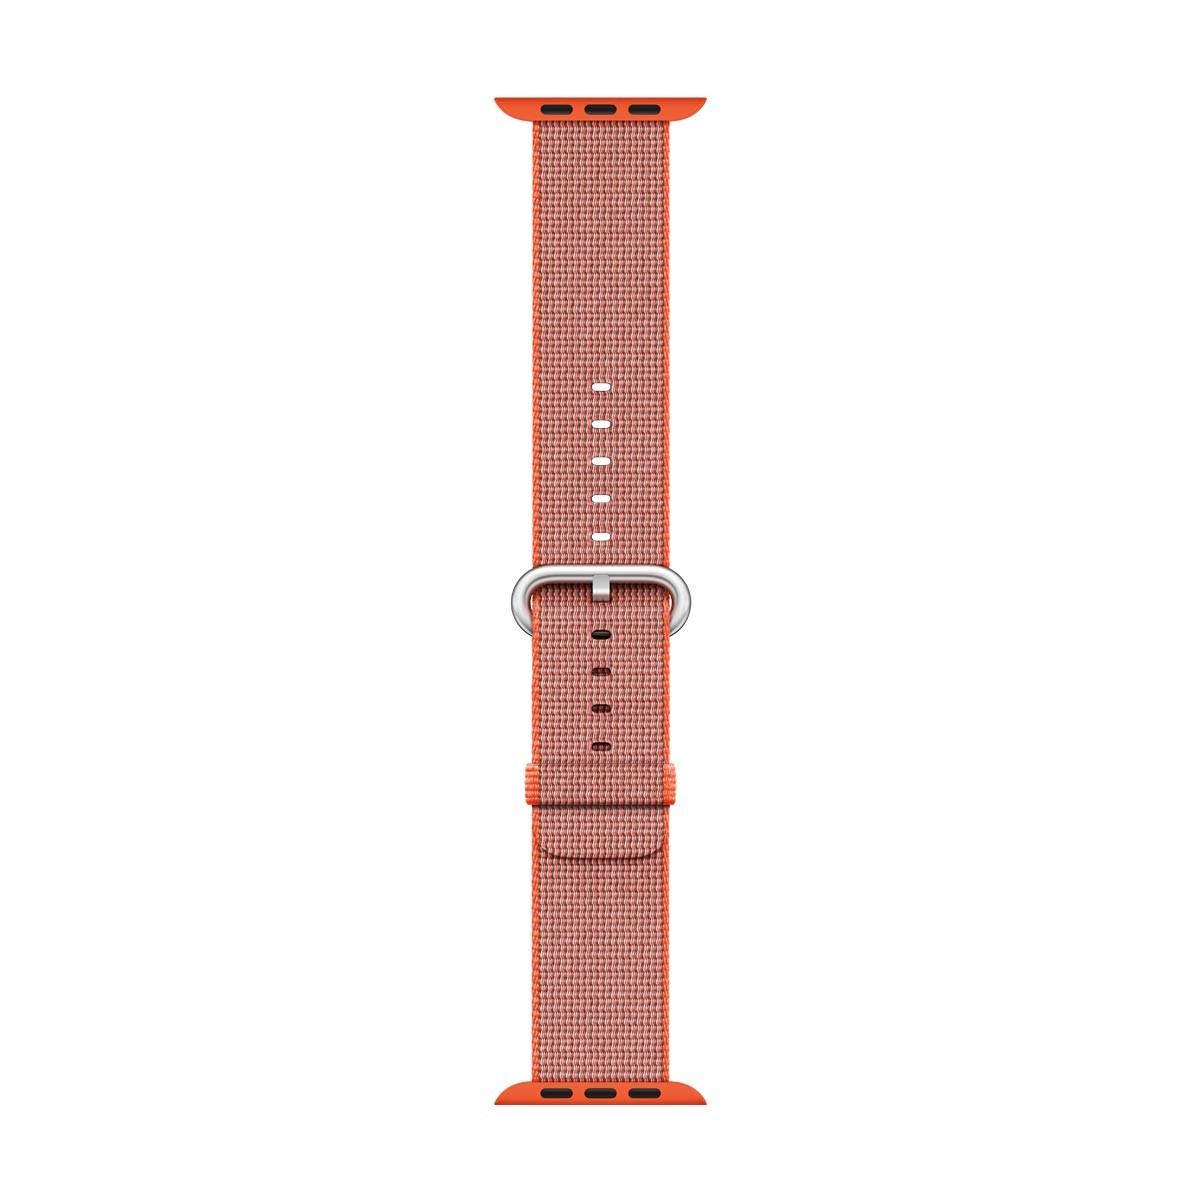 Apple - 38mm vesmírně oranžový / antracitově šedý řemínek z tkaného nylonu